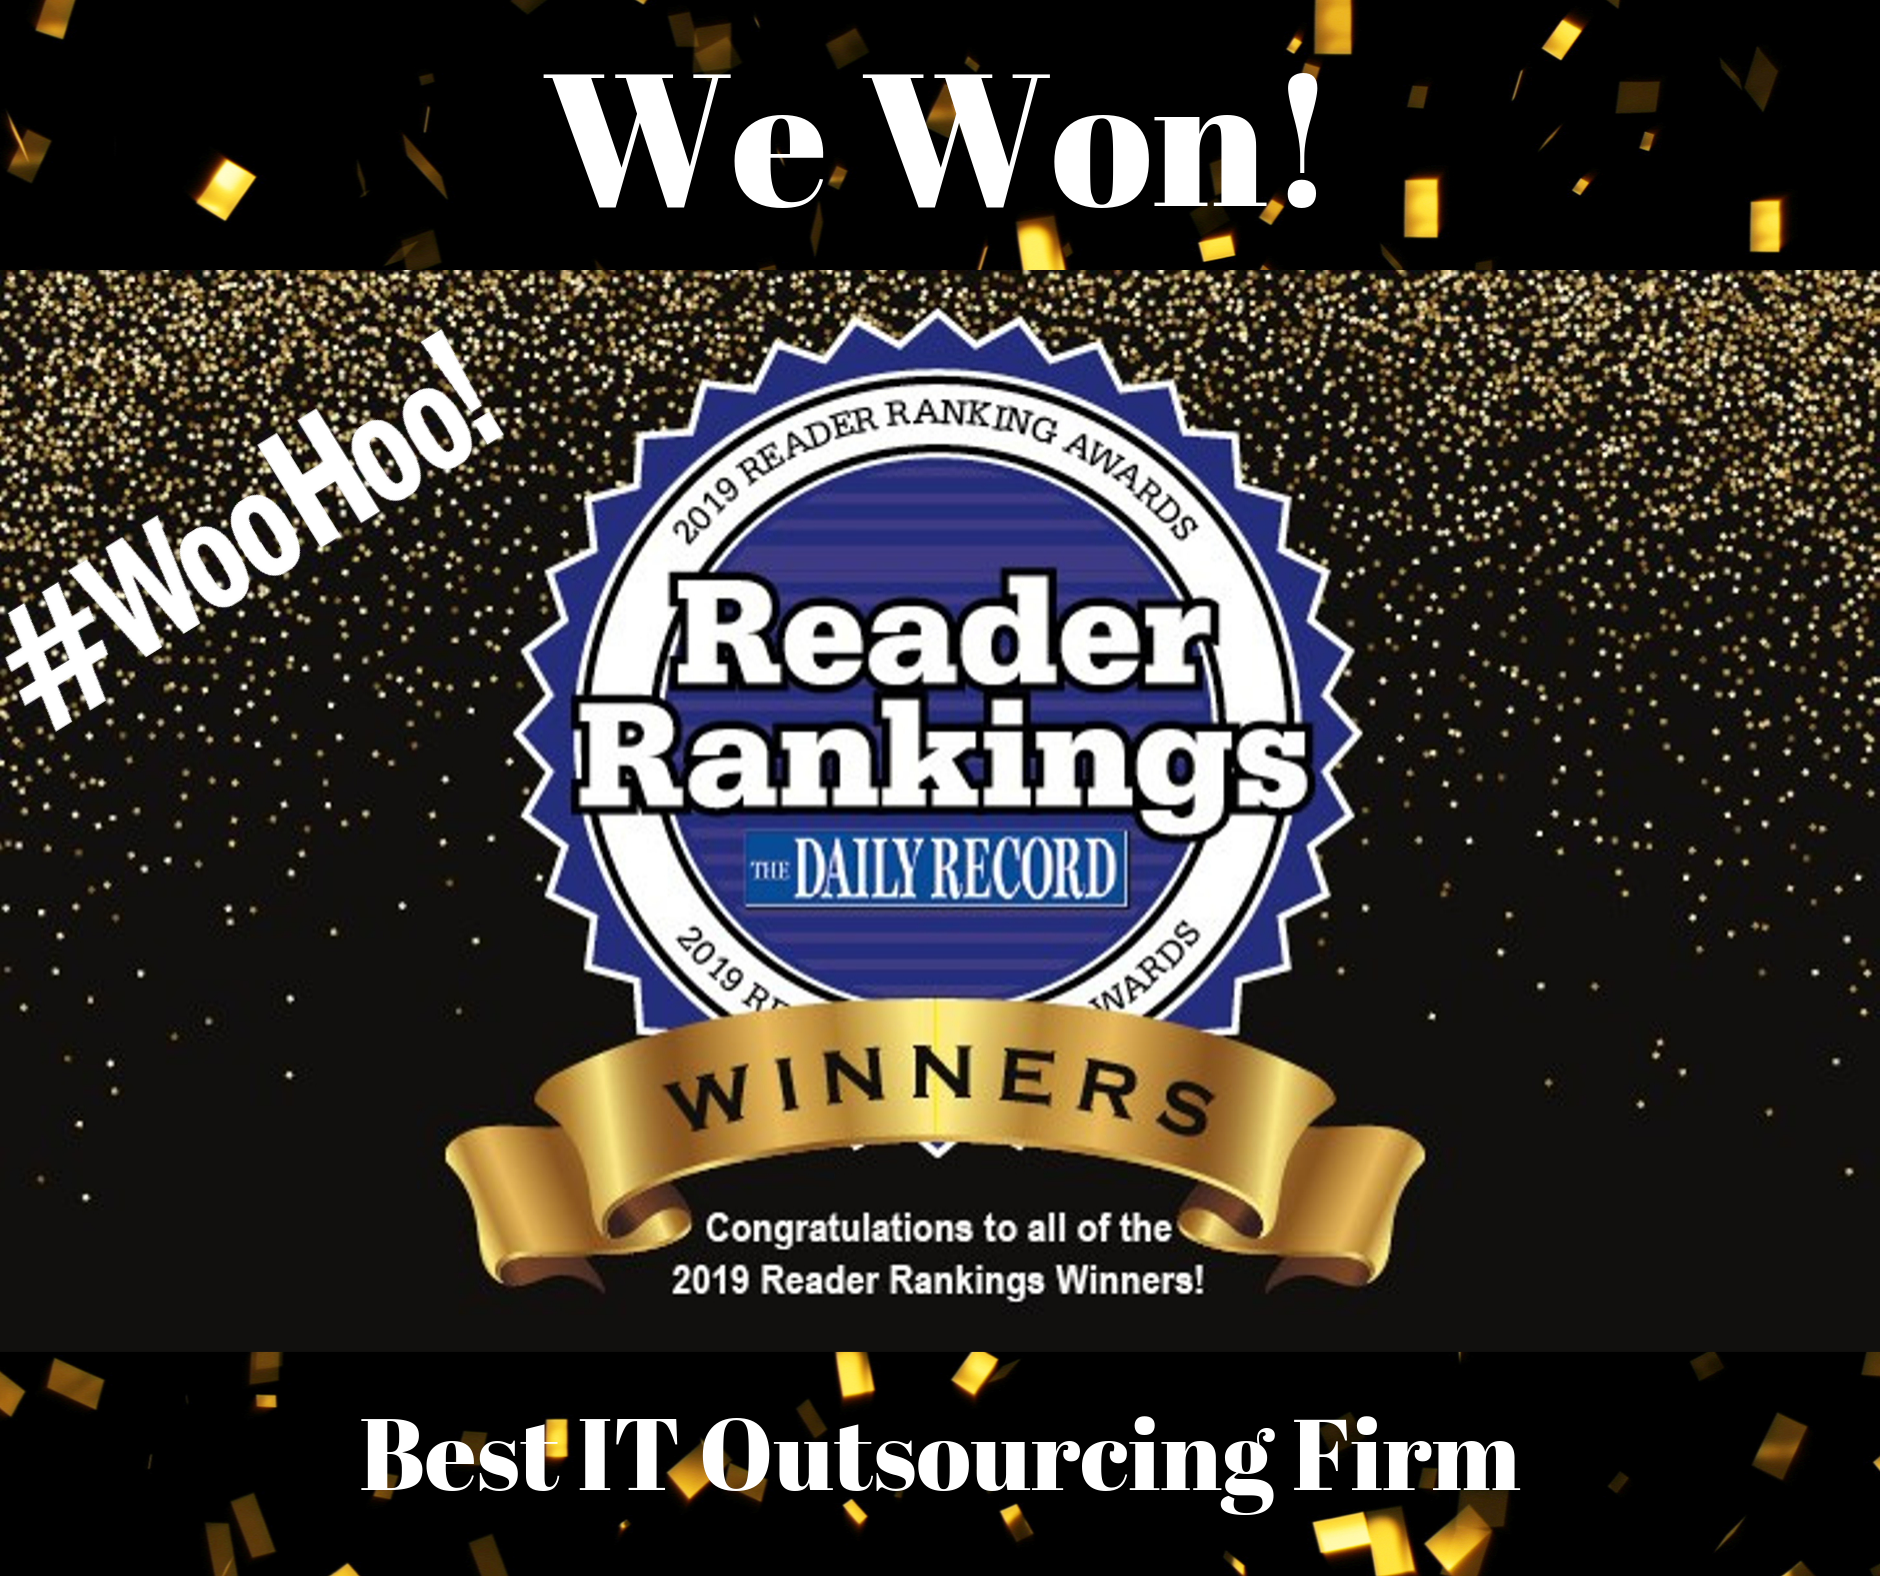 Reader Rankings Winning